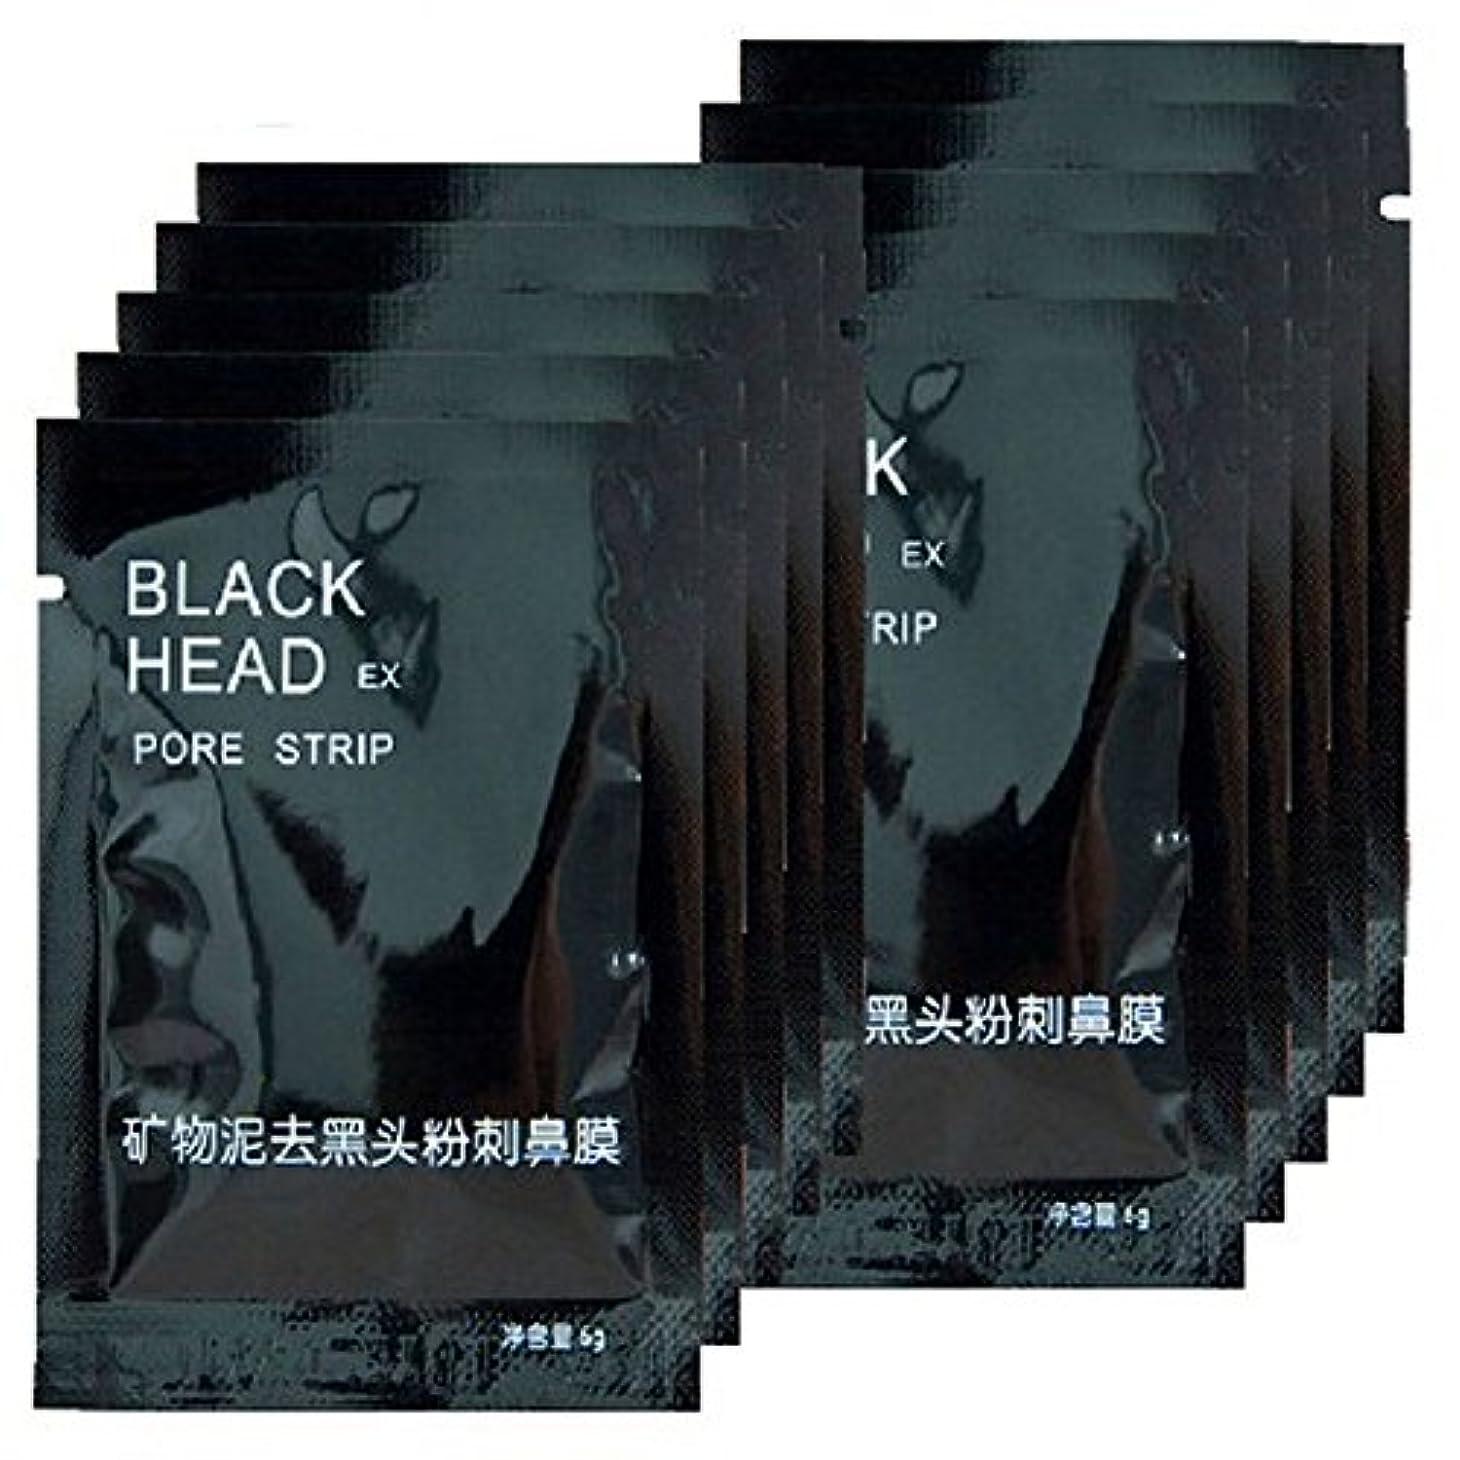 を除くまつげ病弱鼻のにきびの除去剤のマスクによって活動化させる木炭は鼻の深いクリーニングの毛穴にきびのための黒いマスクをはがします